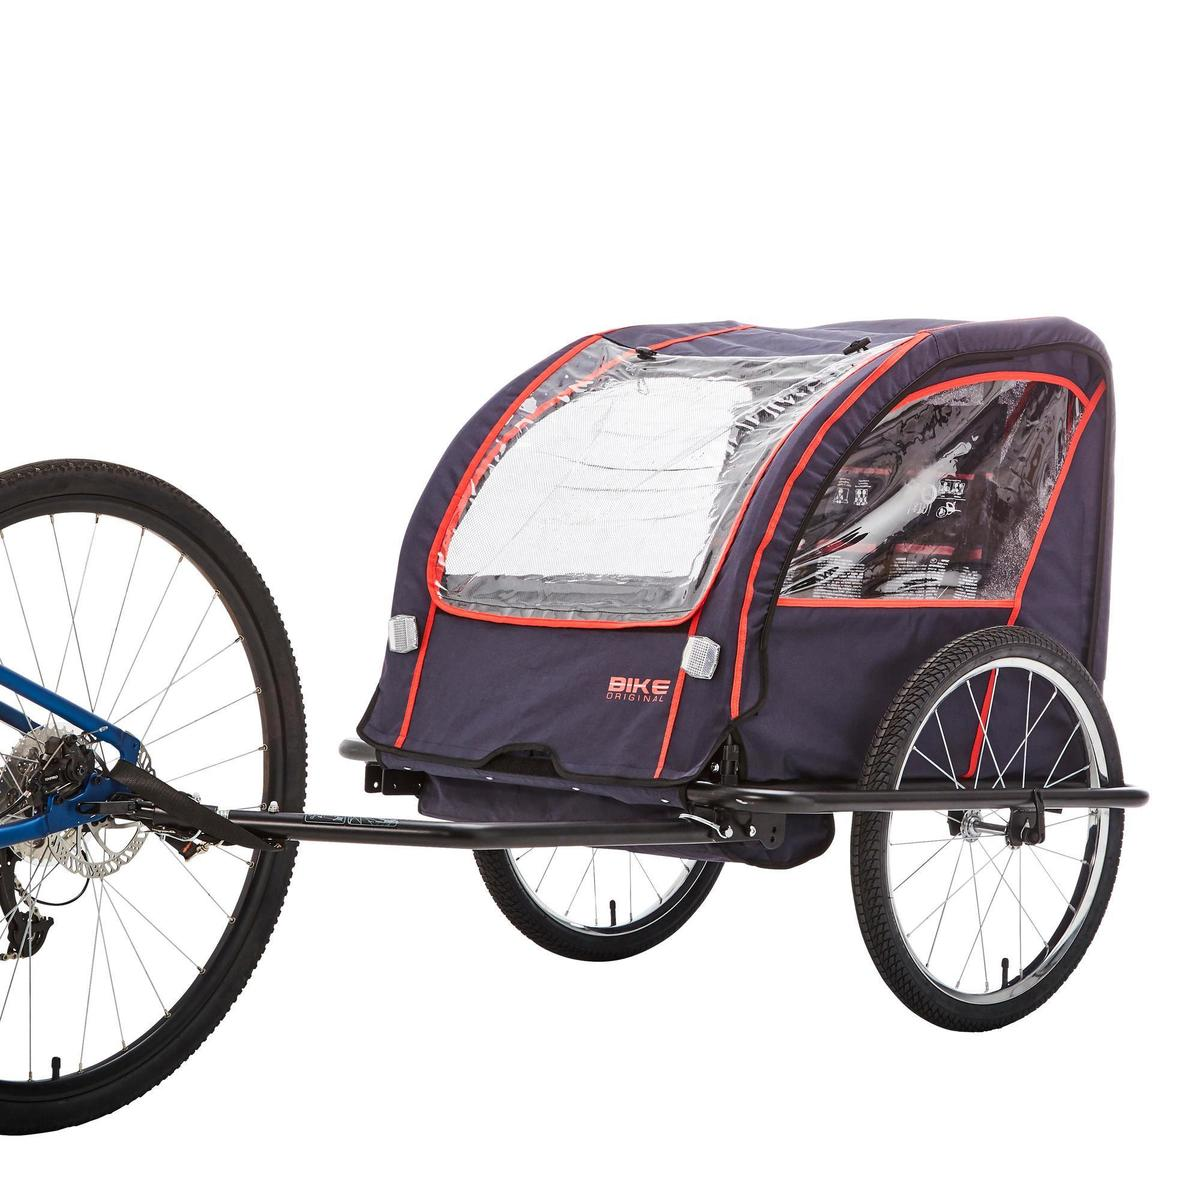 Bild 5 von Kinder-Fahrradanhänger 100 Stahlgestell indigoblau